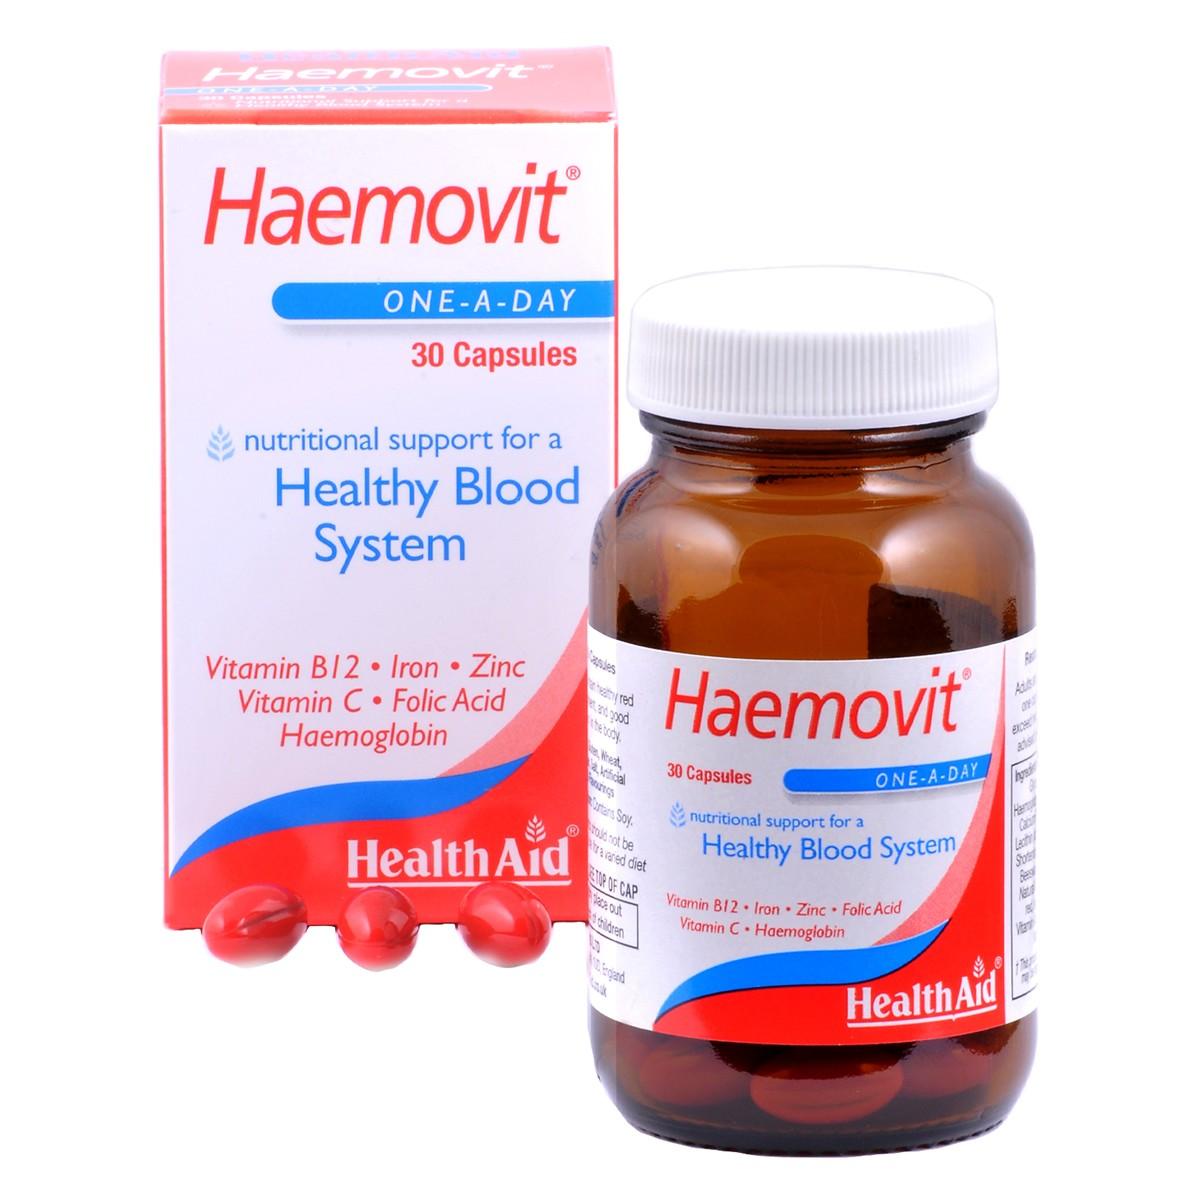 HealthAid Haemovit